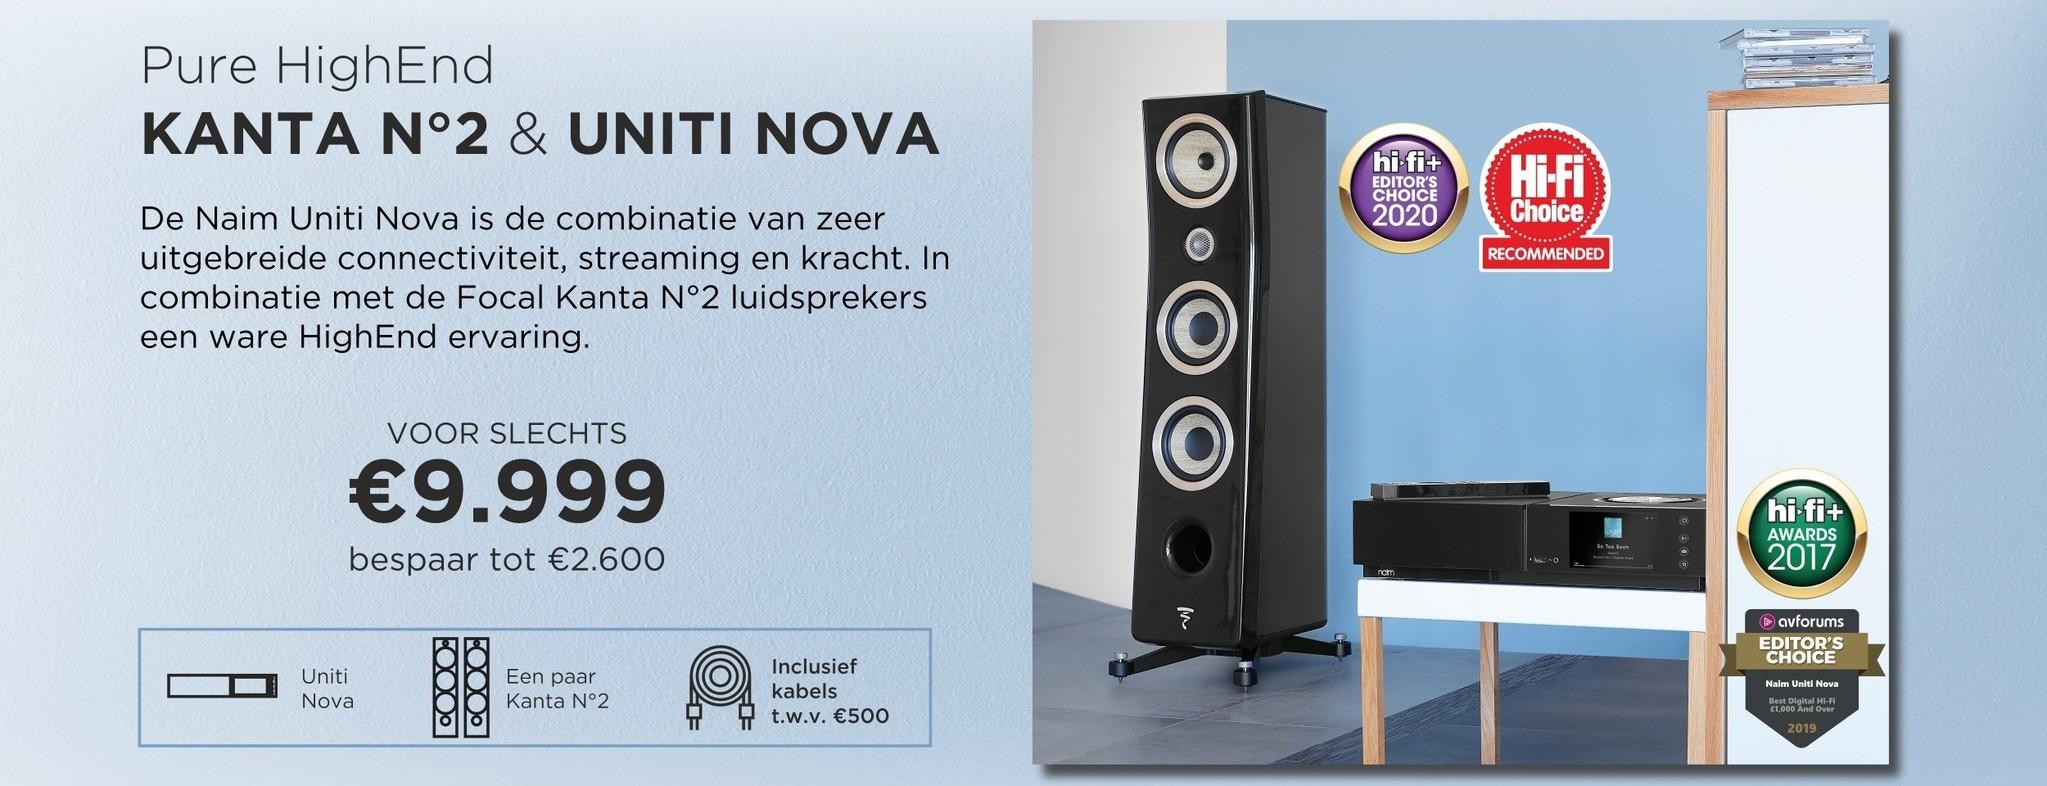 Kanta no2 & Uniti Nova